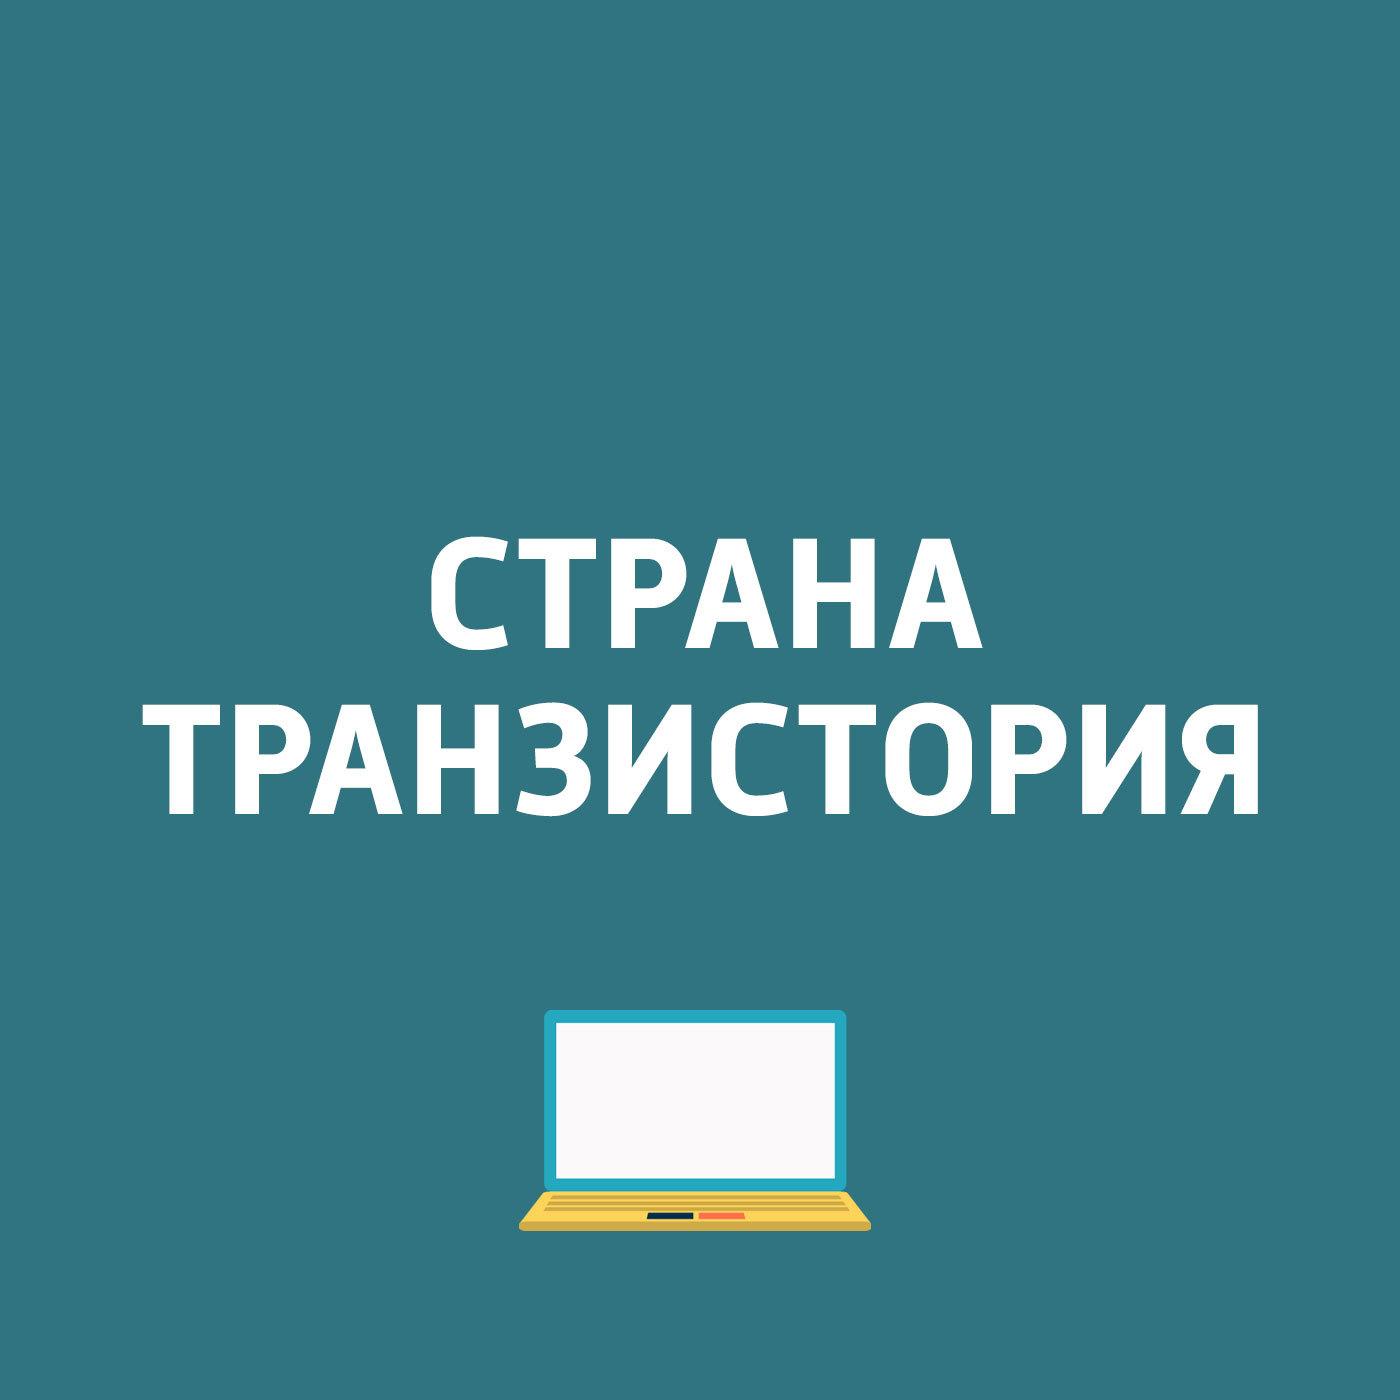 Картаев Павел EA бесплатно раздаст игры; Приложение Avast Photo Space; Яндекс.Музыка ТОП-10... картаев павел обновления инстаграм аналог facetime китайские смартфоны завоевывают мир